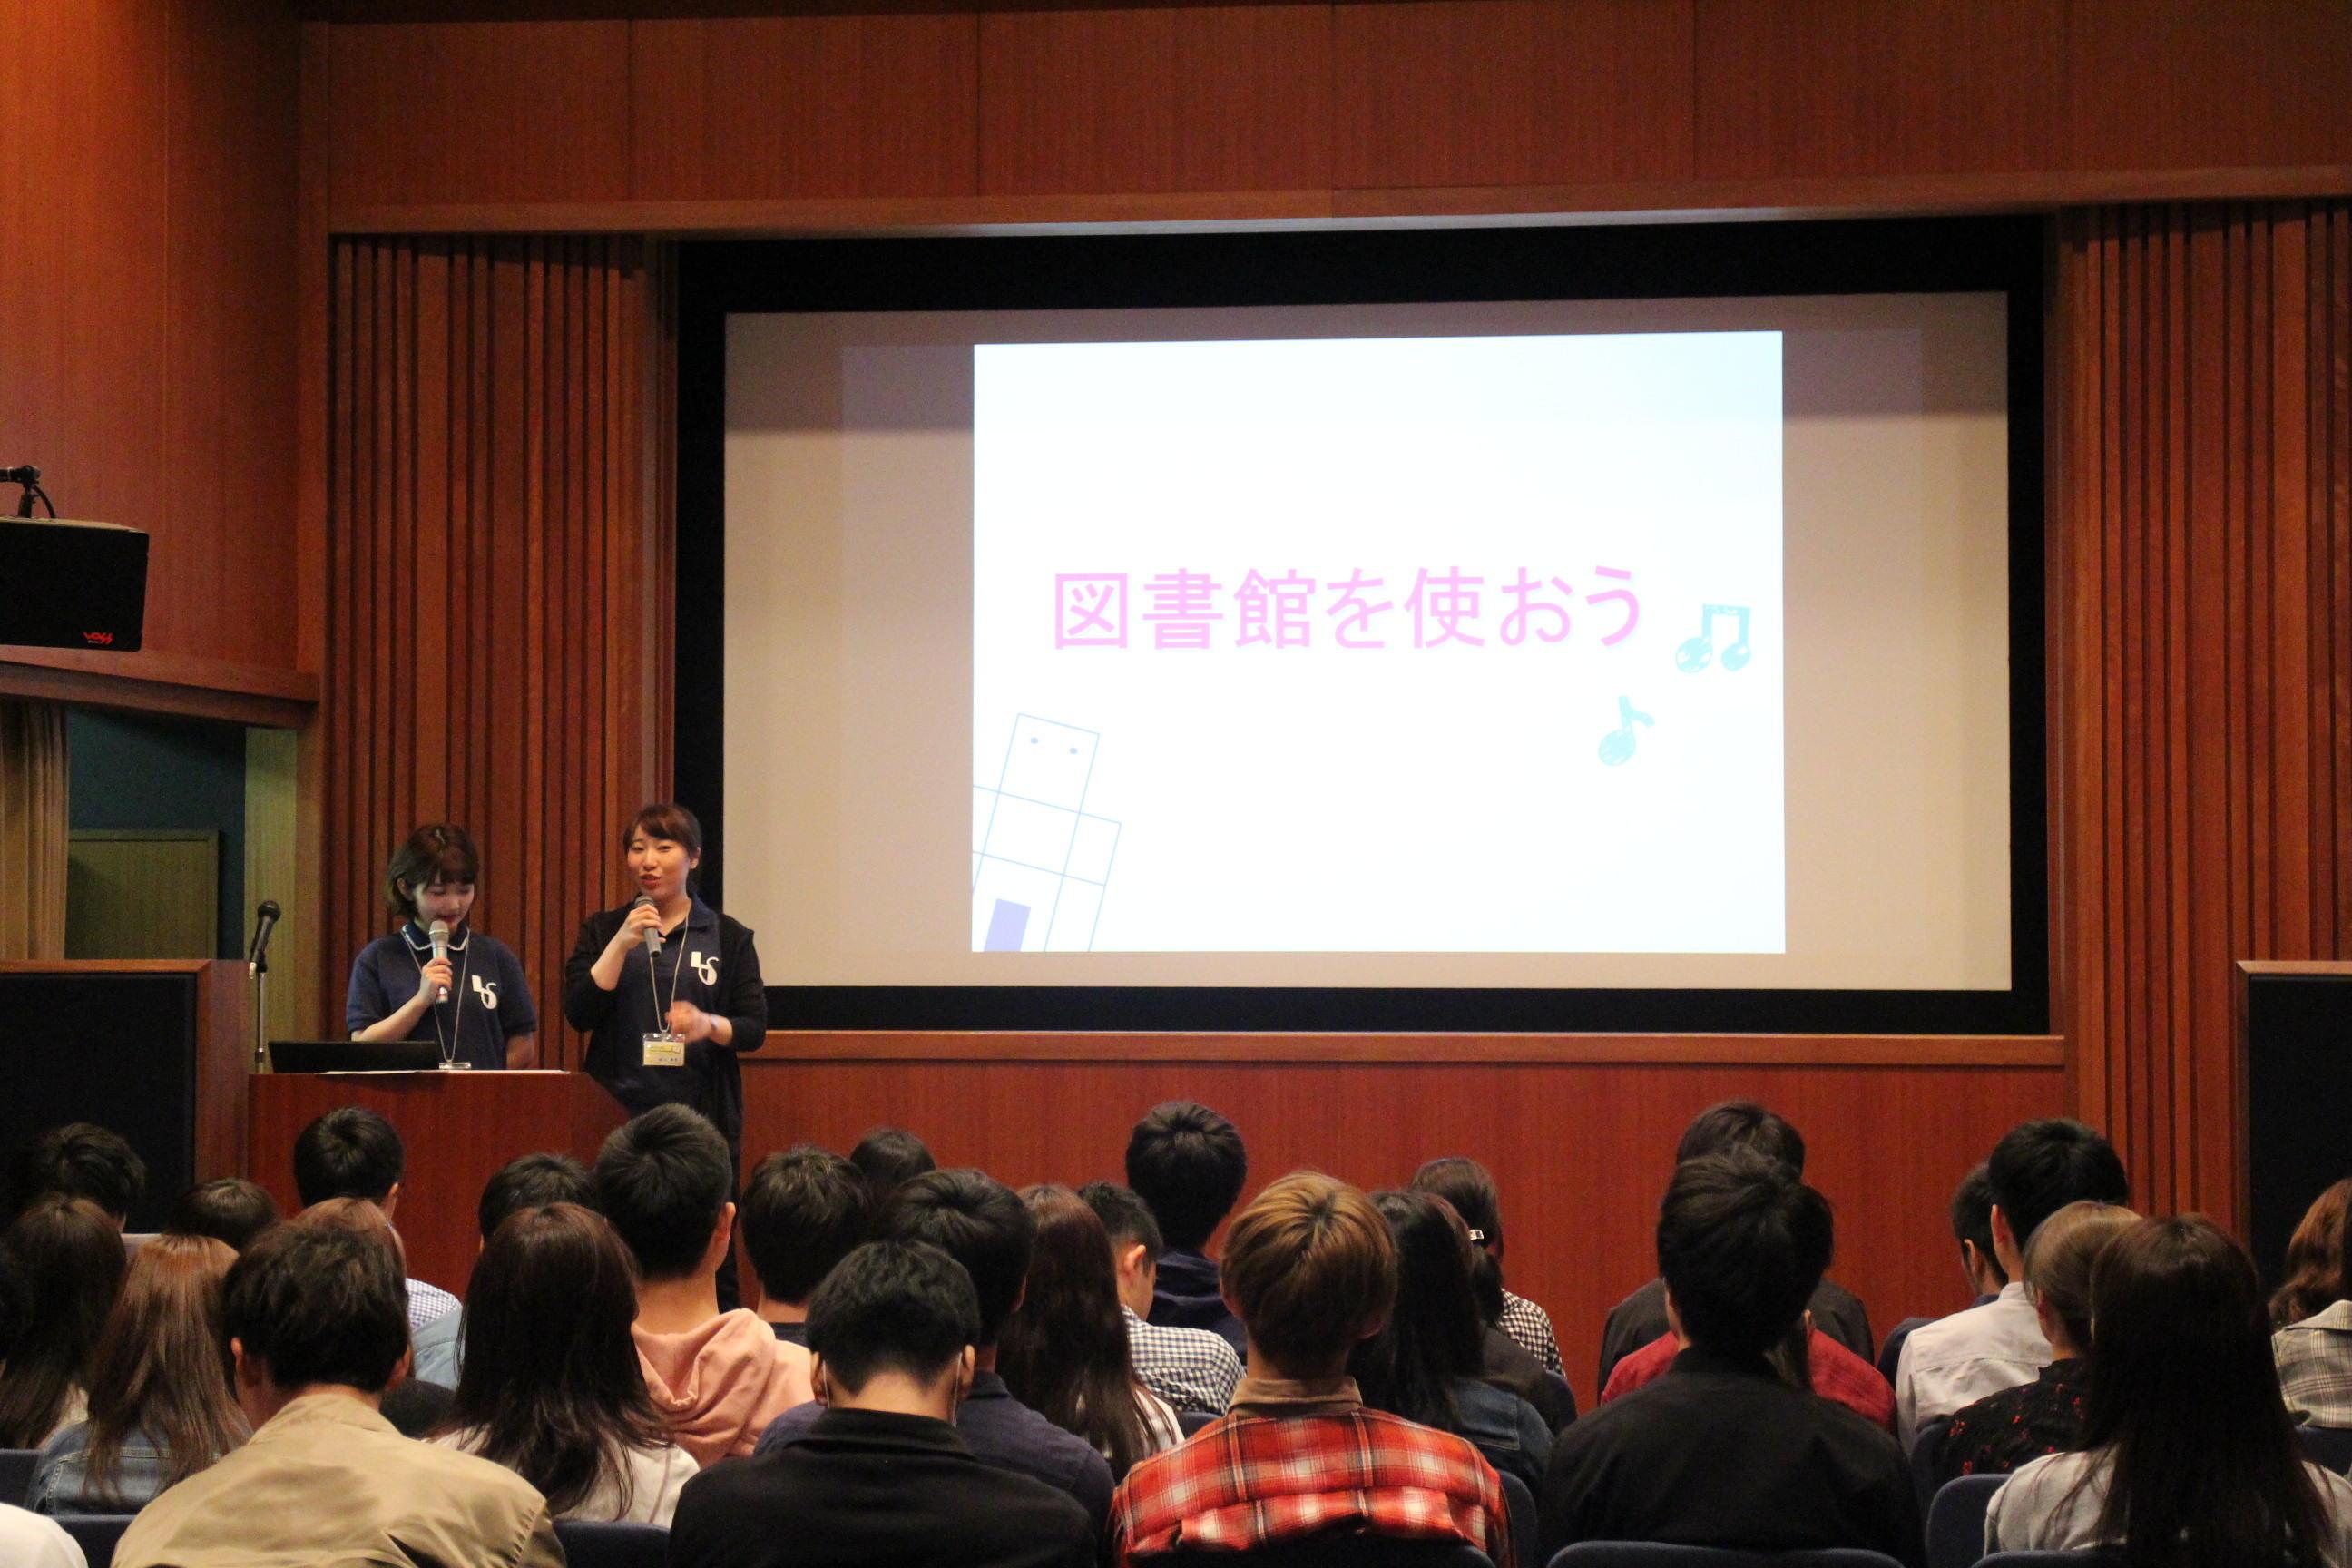 成城大学 図書館の活性化に様々な活動をしている''ライブラリーサポーター''が成城大学で活躍中